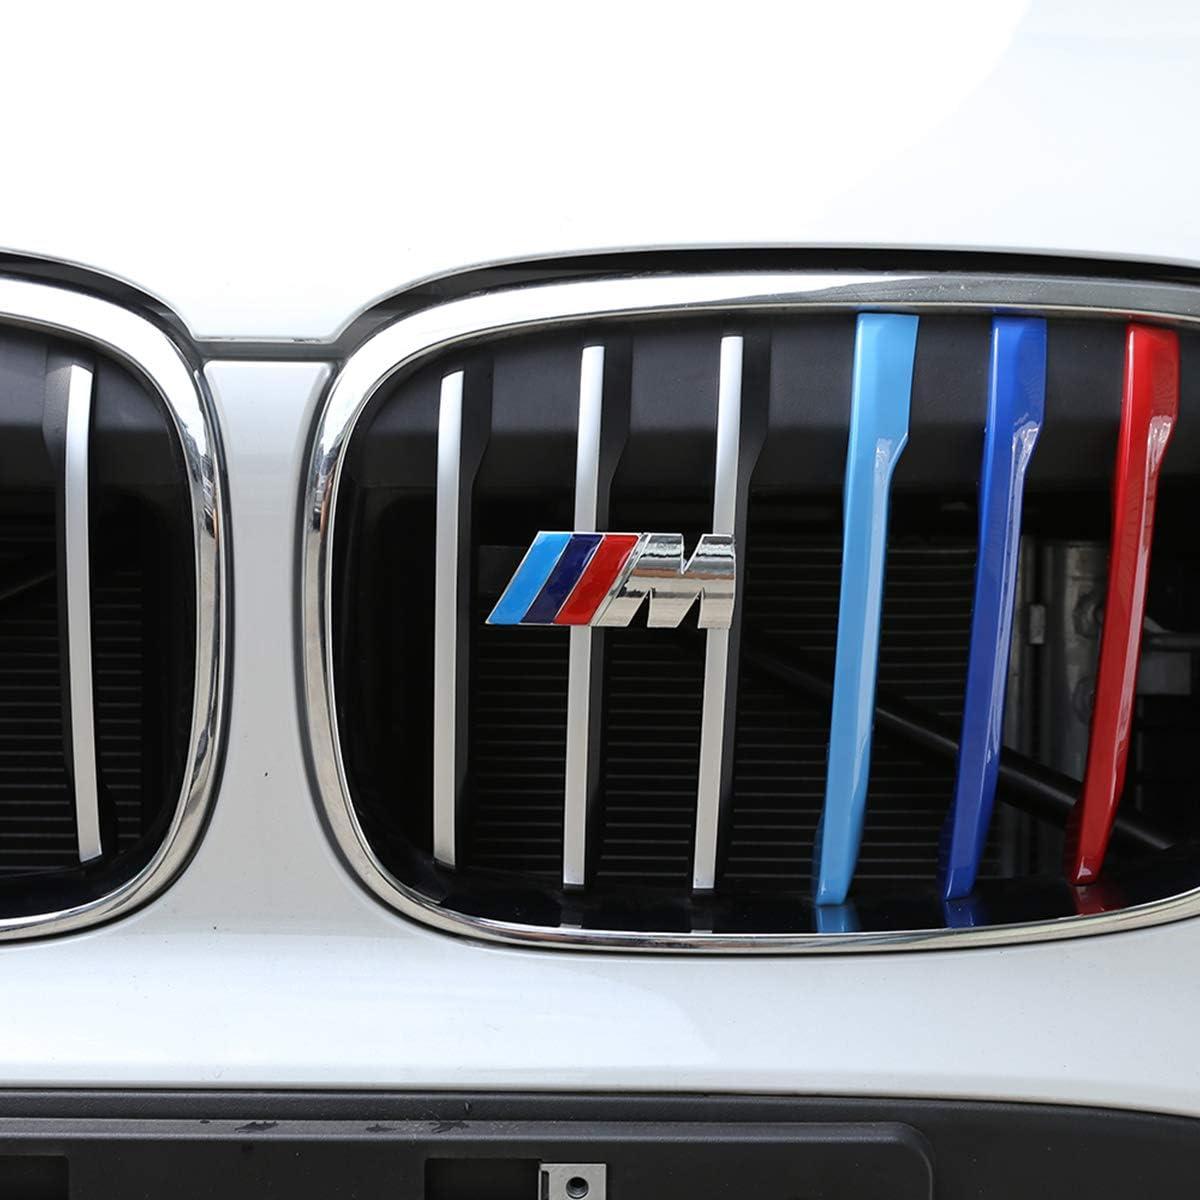 Adesivi per Paraurti con Griglia con Logo Auto Refitting ZGYAQOO Emblema per Griglia 3D Anteriore per Auto Stile Distintivo per Alfa Romeo Giulia Giulietta Mito 147 154 155 156 164 159 GT Stelvio